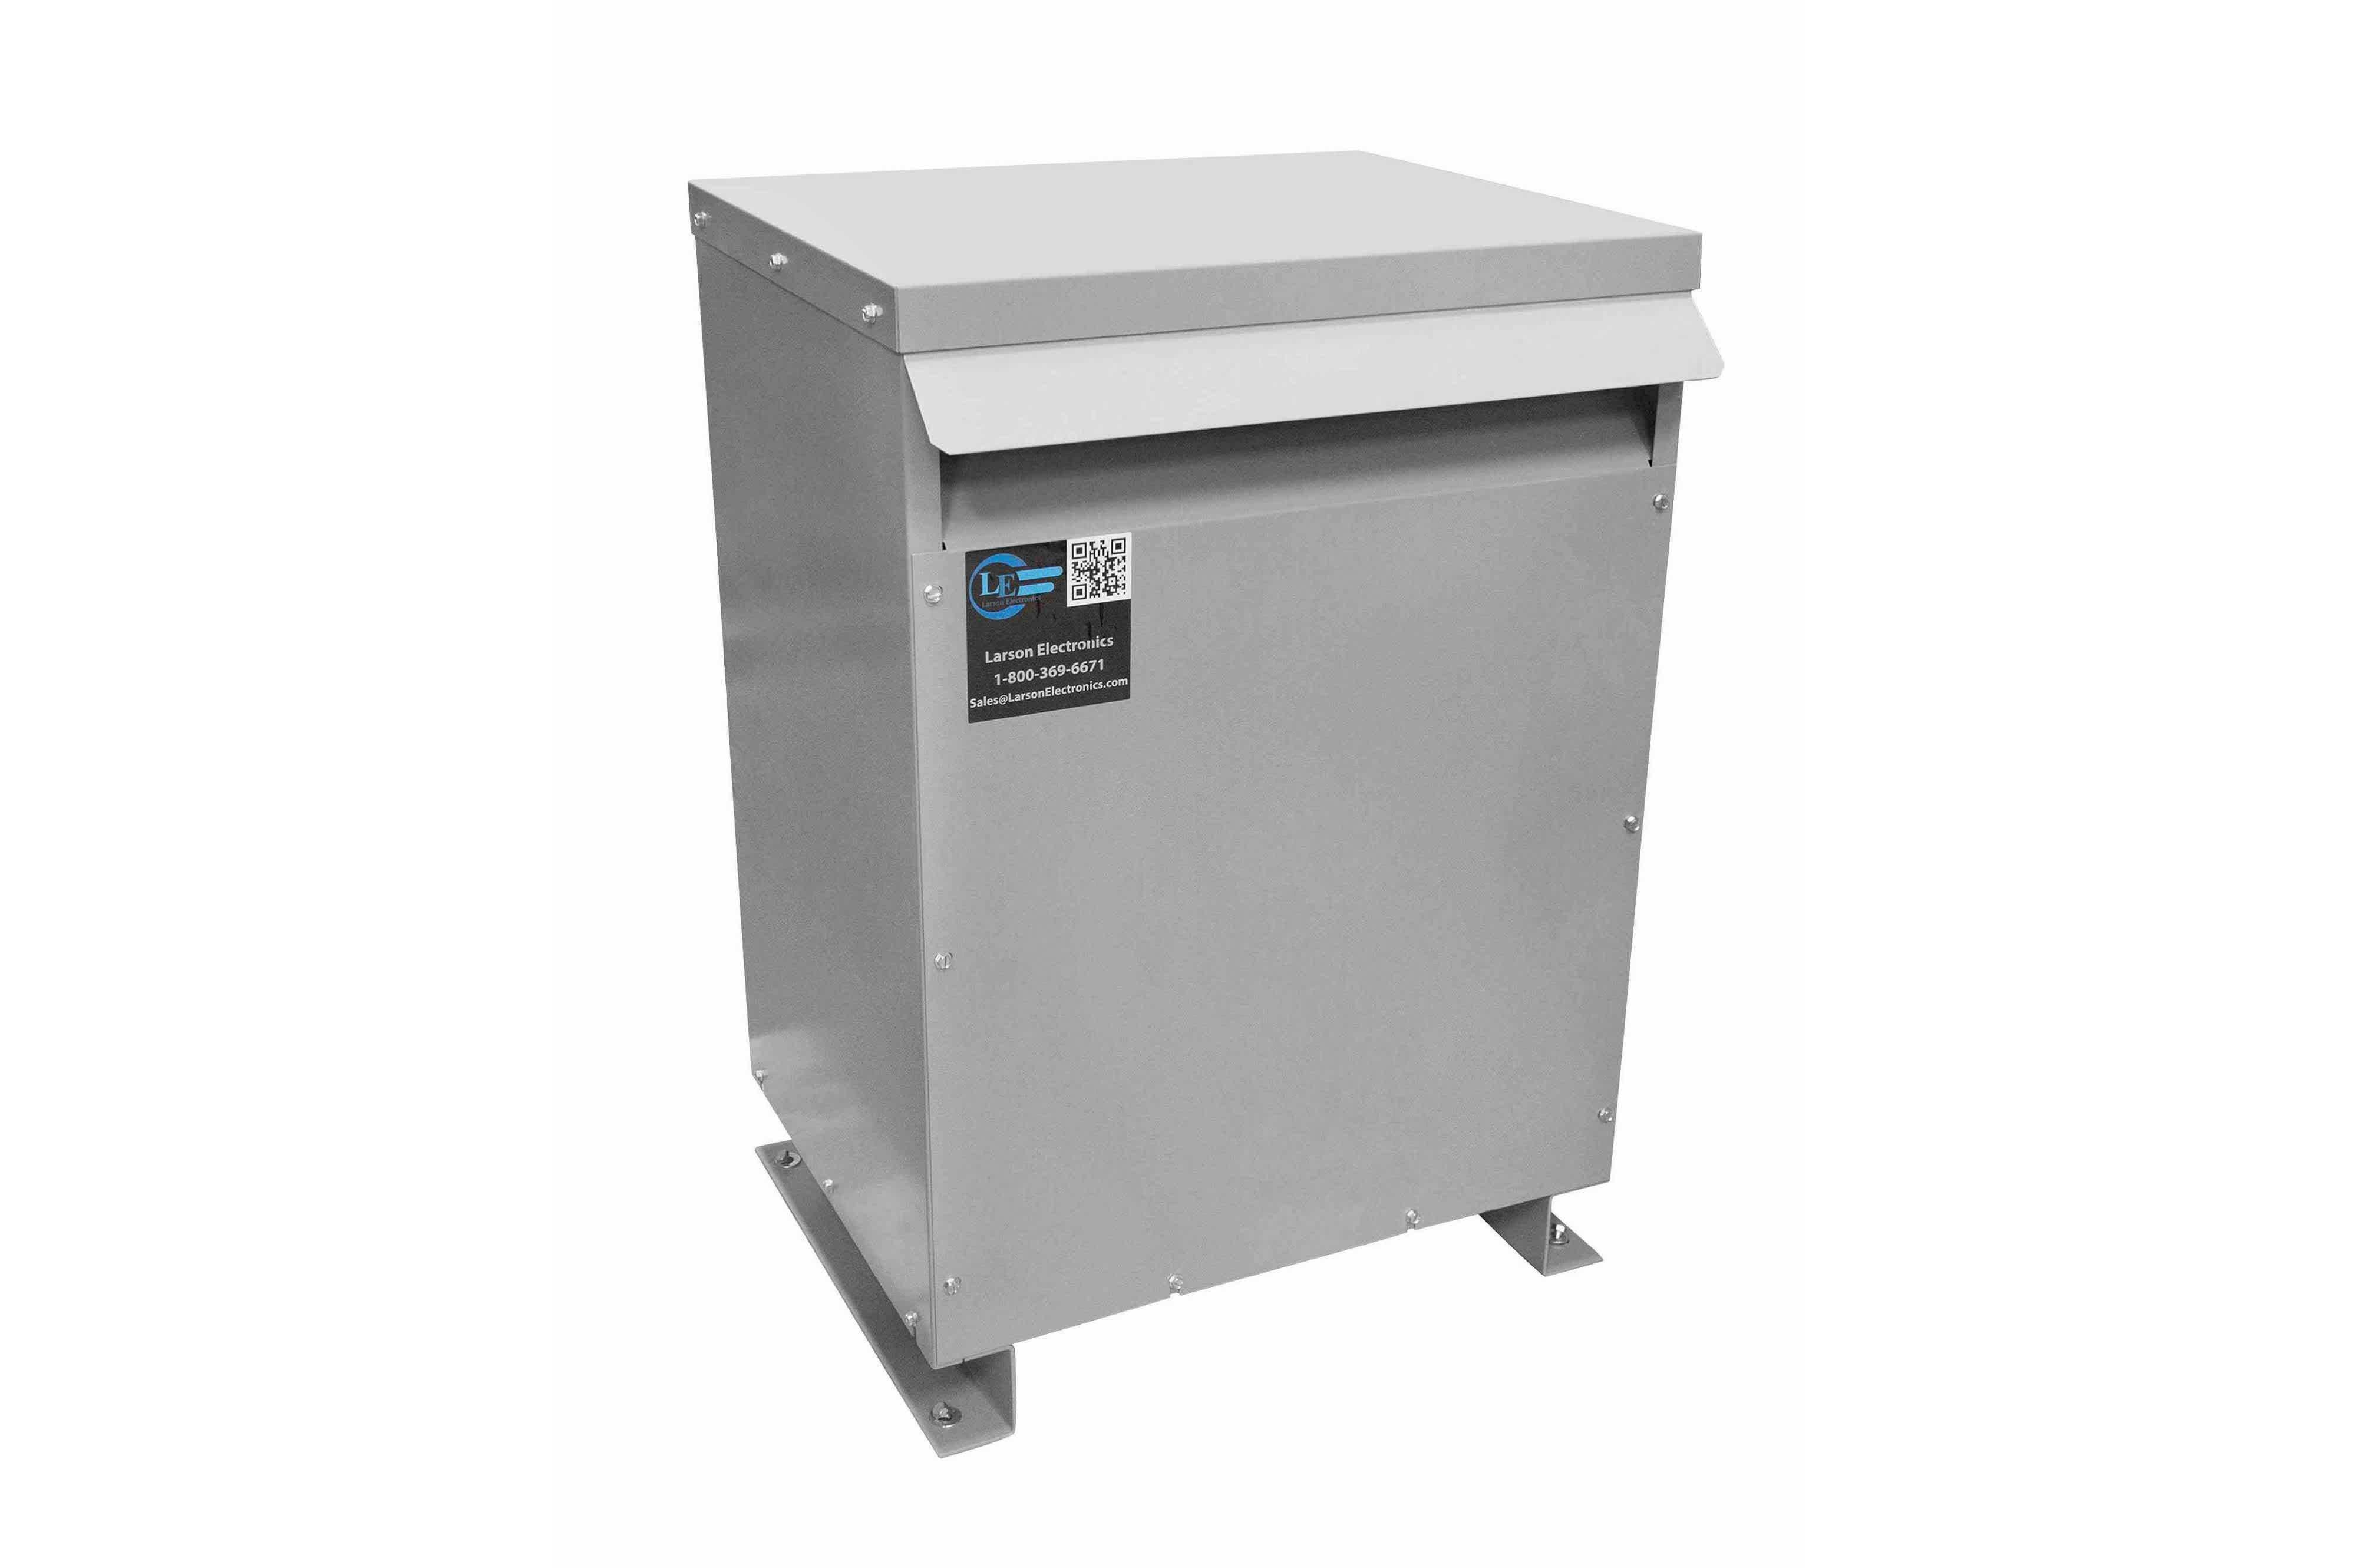 500 kVA 3PH Isolation Transformer, 380V Delta Primary, 240 Delta Secondary, N3R, Ventilated, 60 Hz